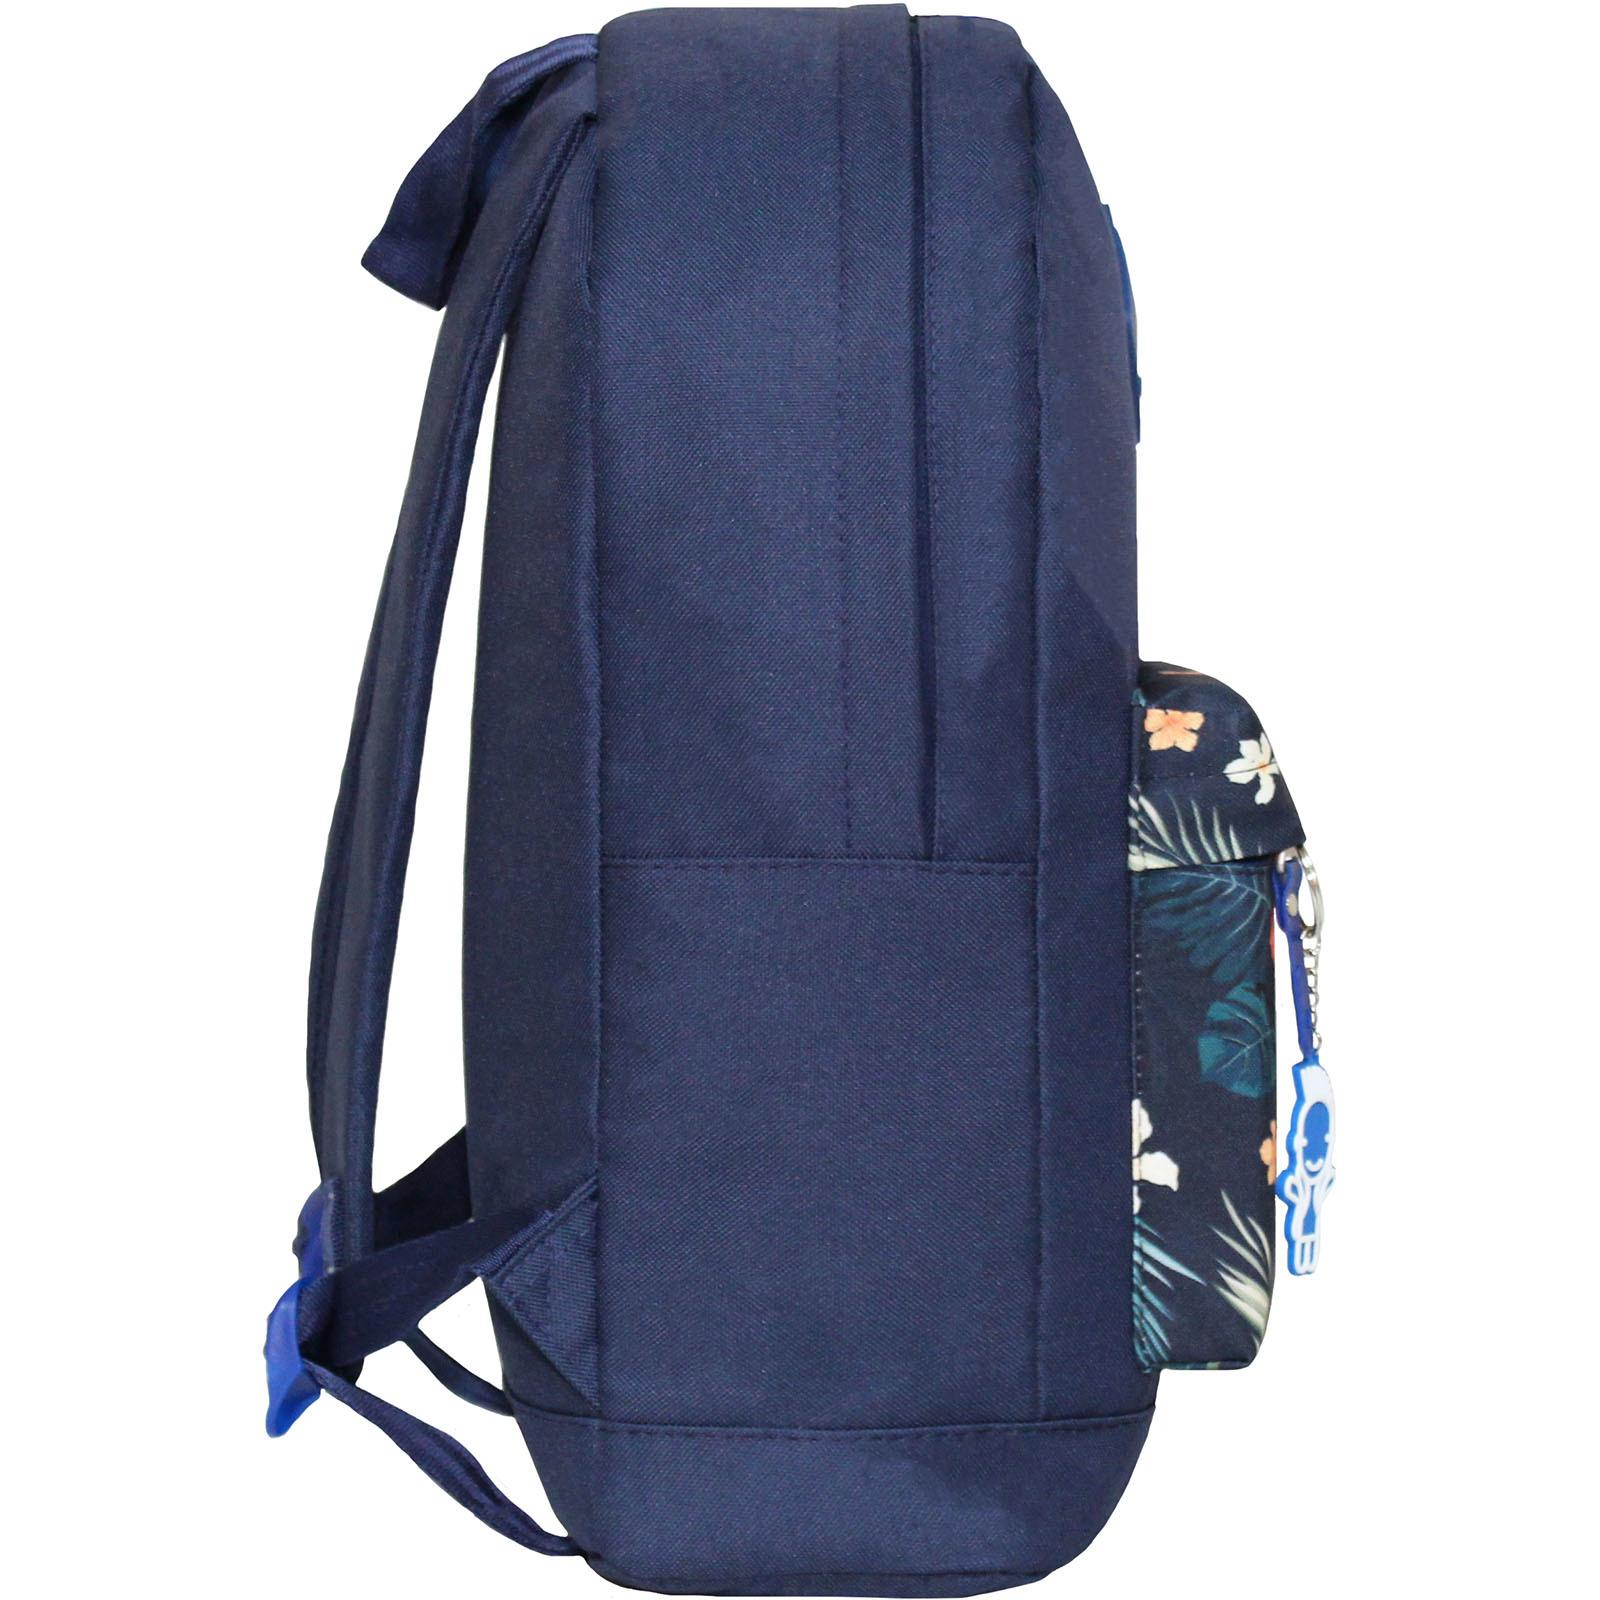 Рюкзак Bagland Молодежный W/R 17 л. 330 чорнильний 103 (00533662)